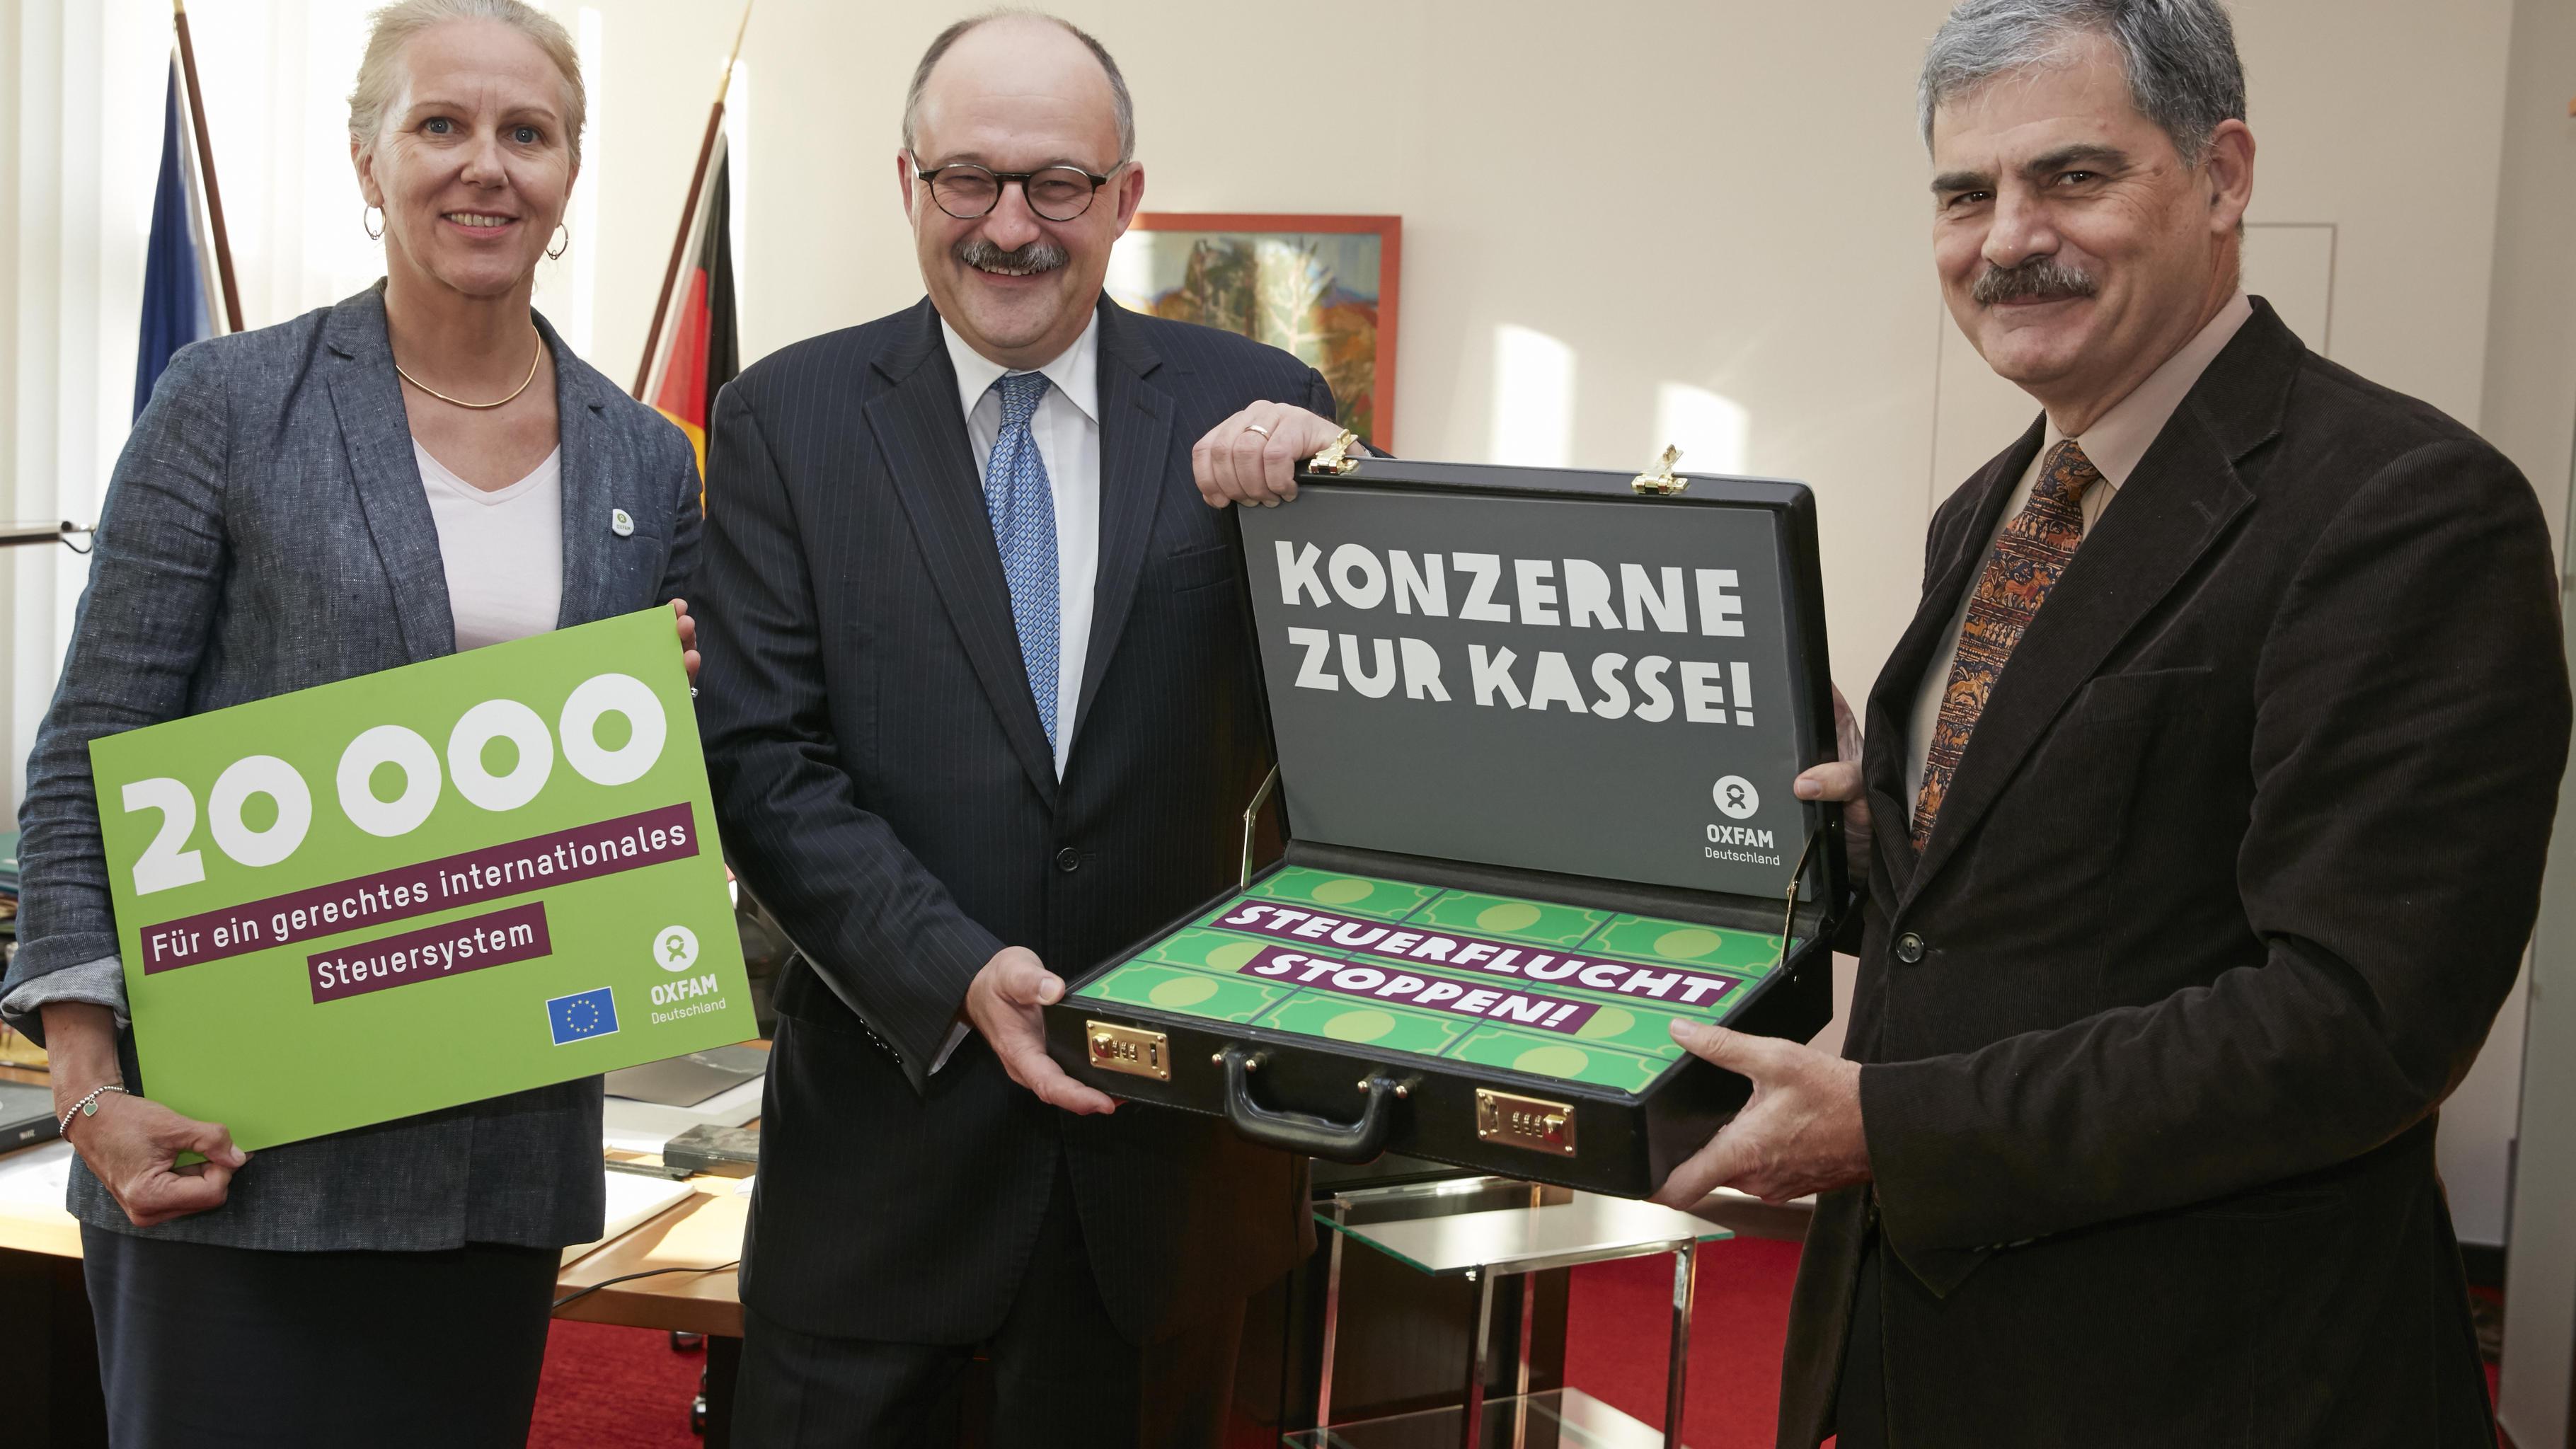 Marion Lieser, Geschäftsführerin von Oxfam Deutschland e. V., Dr. Michael Meister, Parlamentarischer Staatssekretär und Juan Alberto Fuentes, Vorstandsvorsitzender von Oxfam International